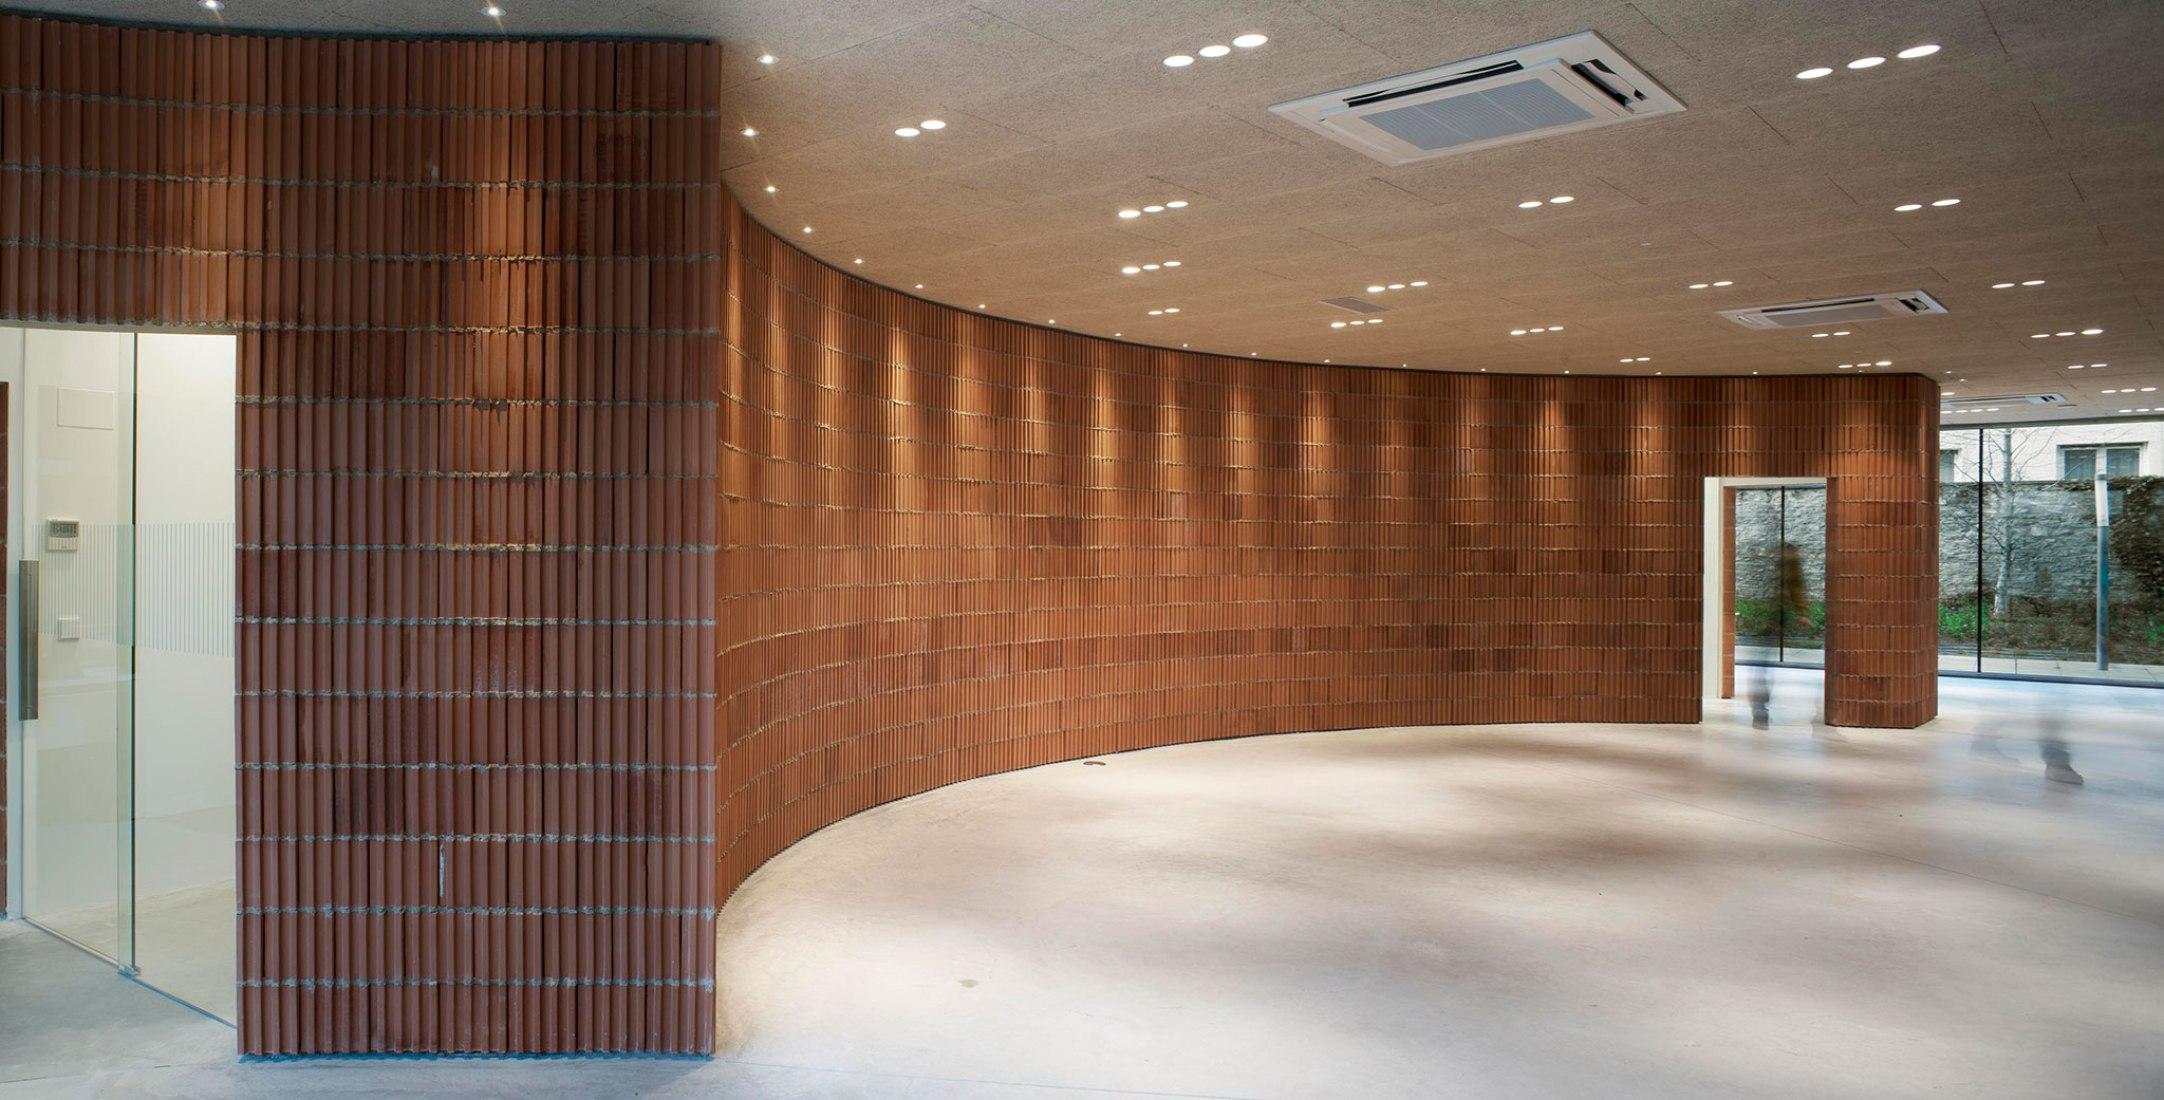 Nueva sede del COAVN por 13_07 arquitectos. Fotografía por Cesar San Millán